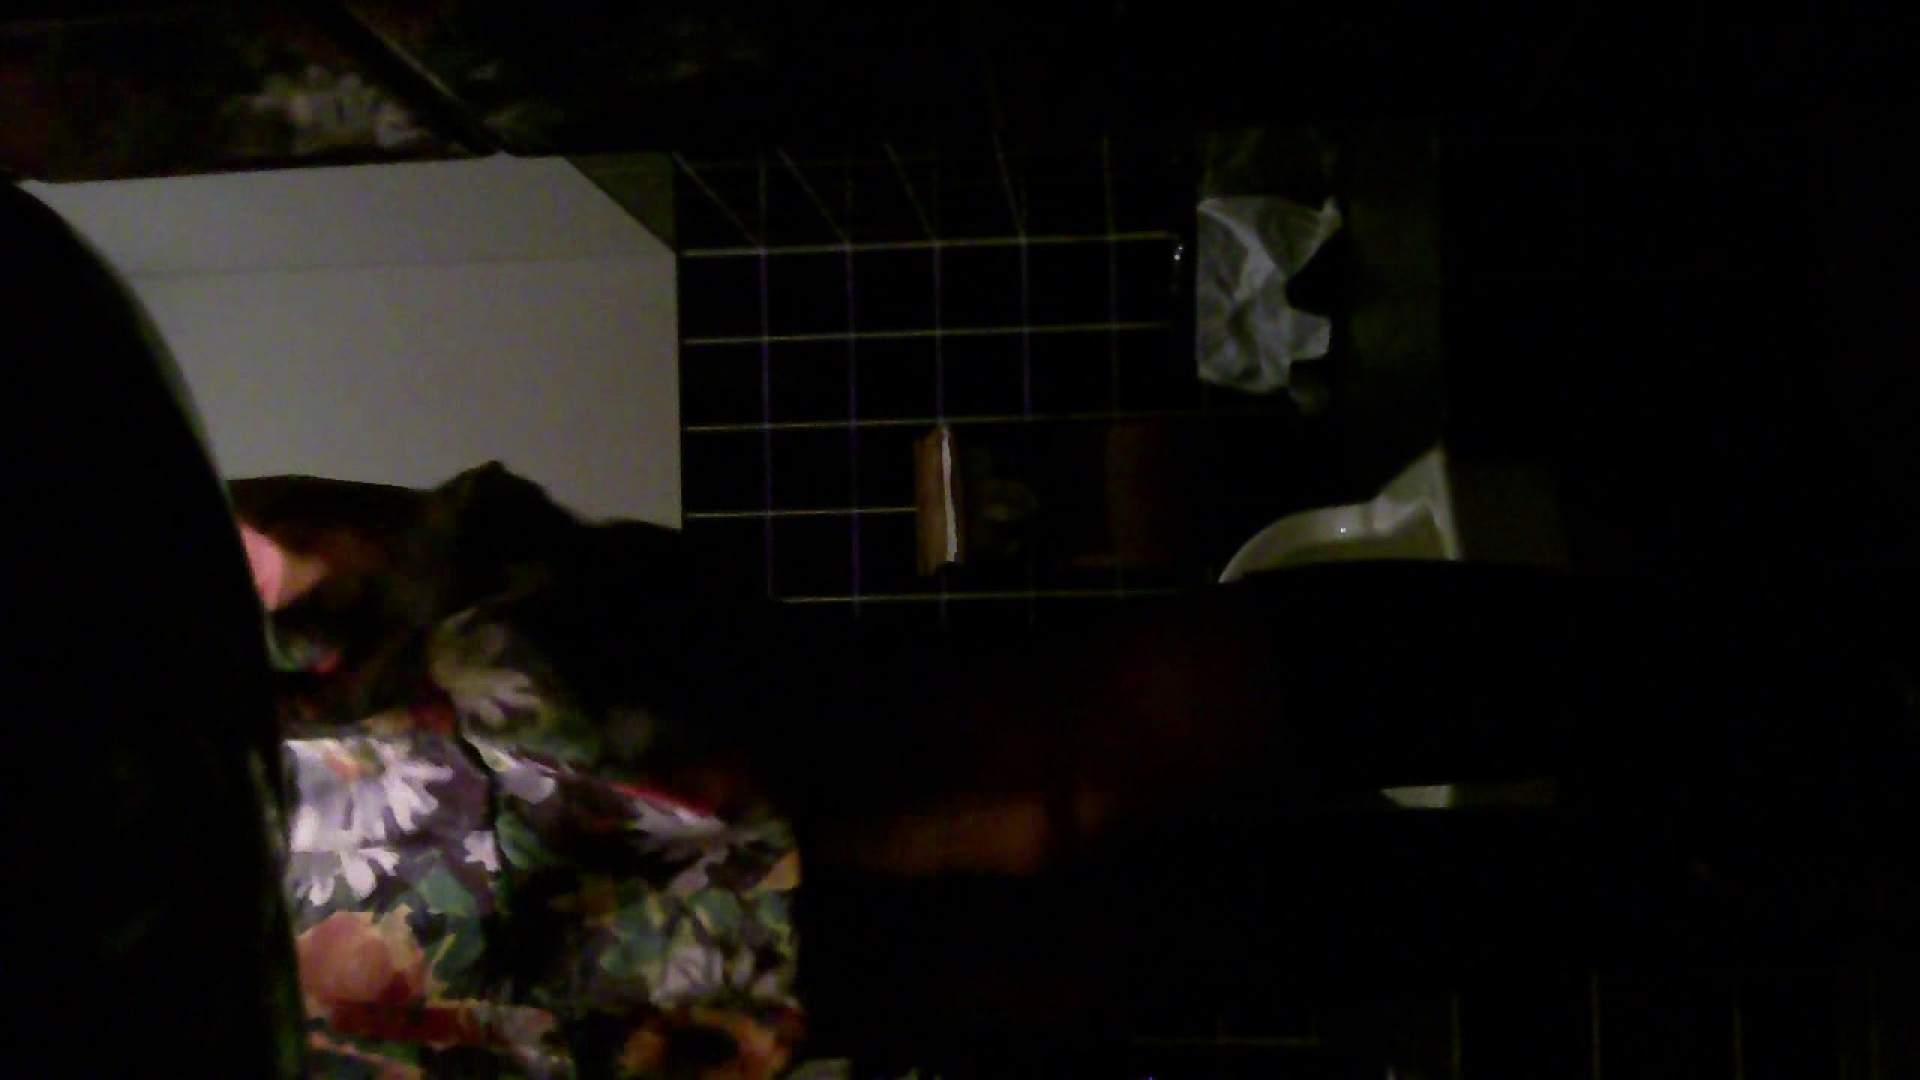 美女の集まる飲み屋洗面所 vol.04 美女エロ画像   OLエロ画像  52PICs 41